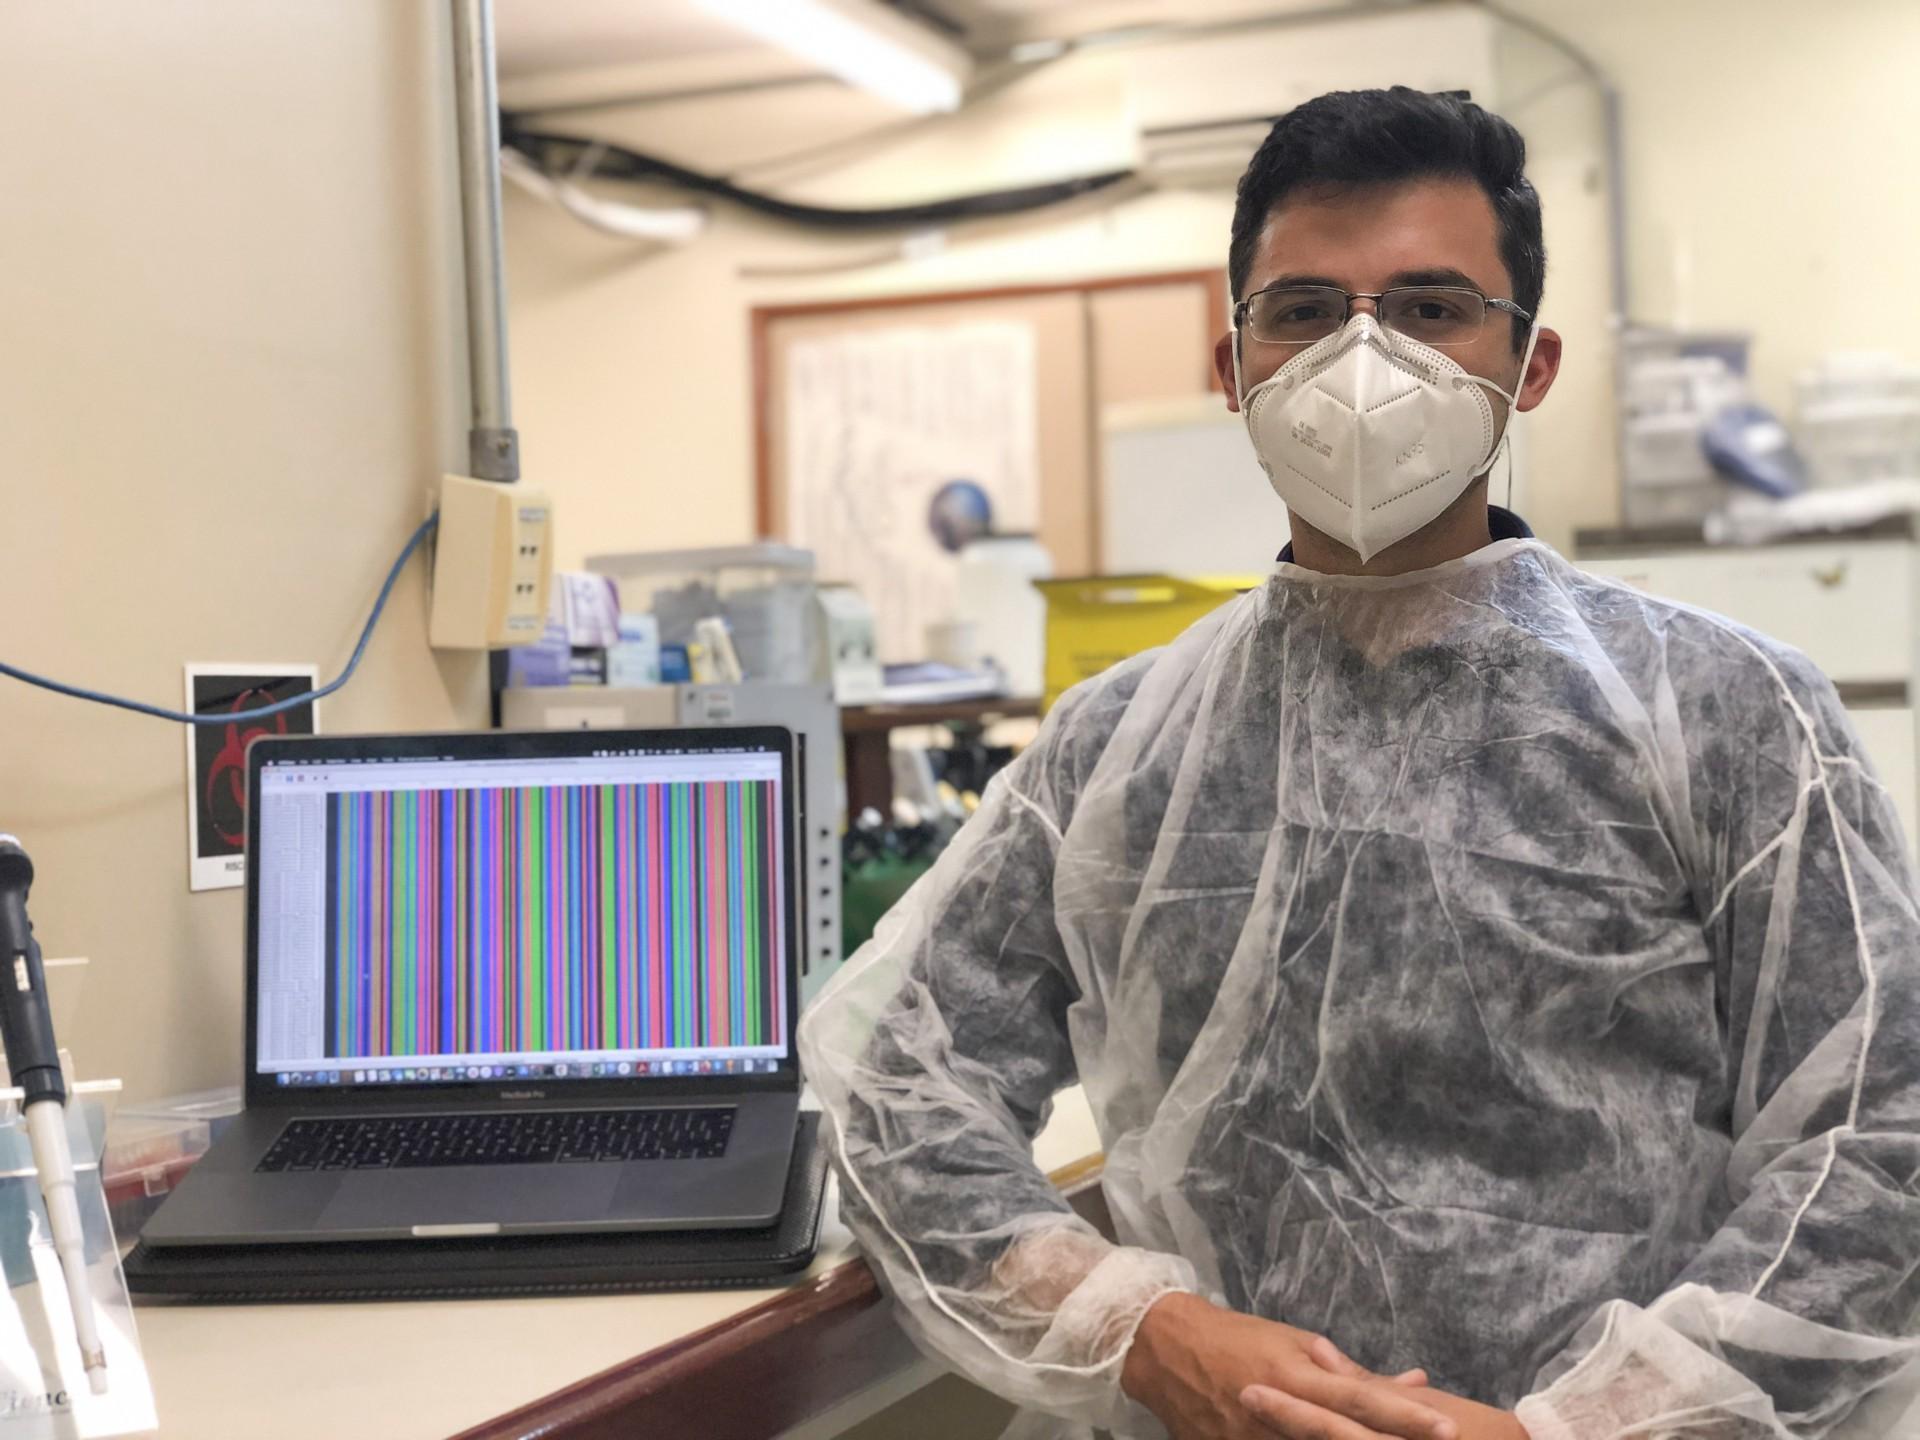 FORTALEZA, 20-01-2021: Foto remota do cientista cearense Darlan Candido, PHD em Oxford. Darlan foi um dos responsaveis pelo sequenciamento do genoma do covid-19, que foi feito em apenas 24 horas. (foto: Barbara Moira/ O POVO)